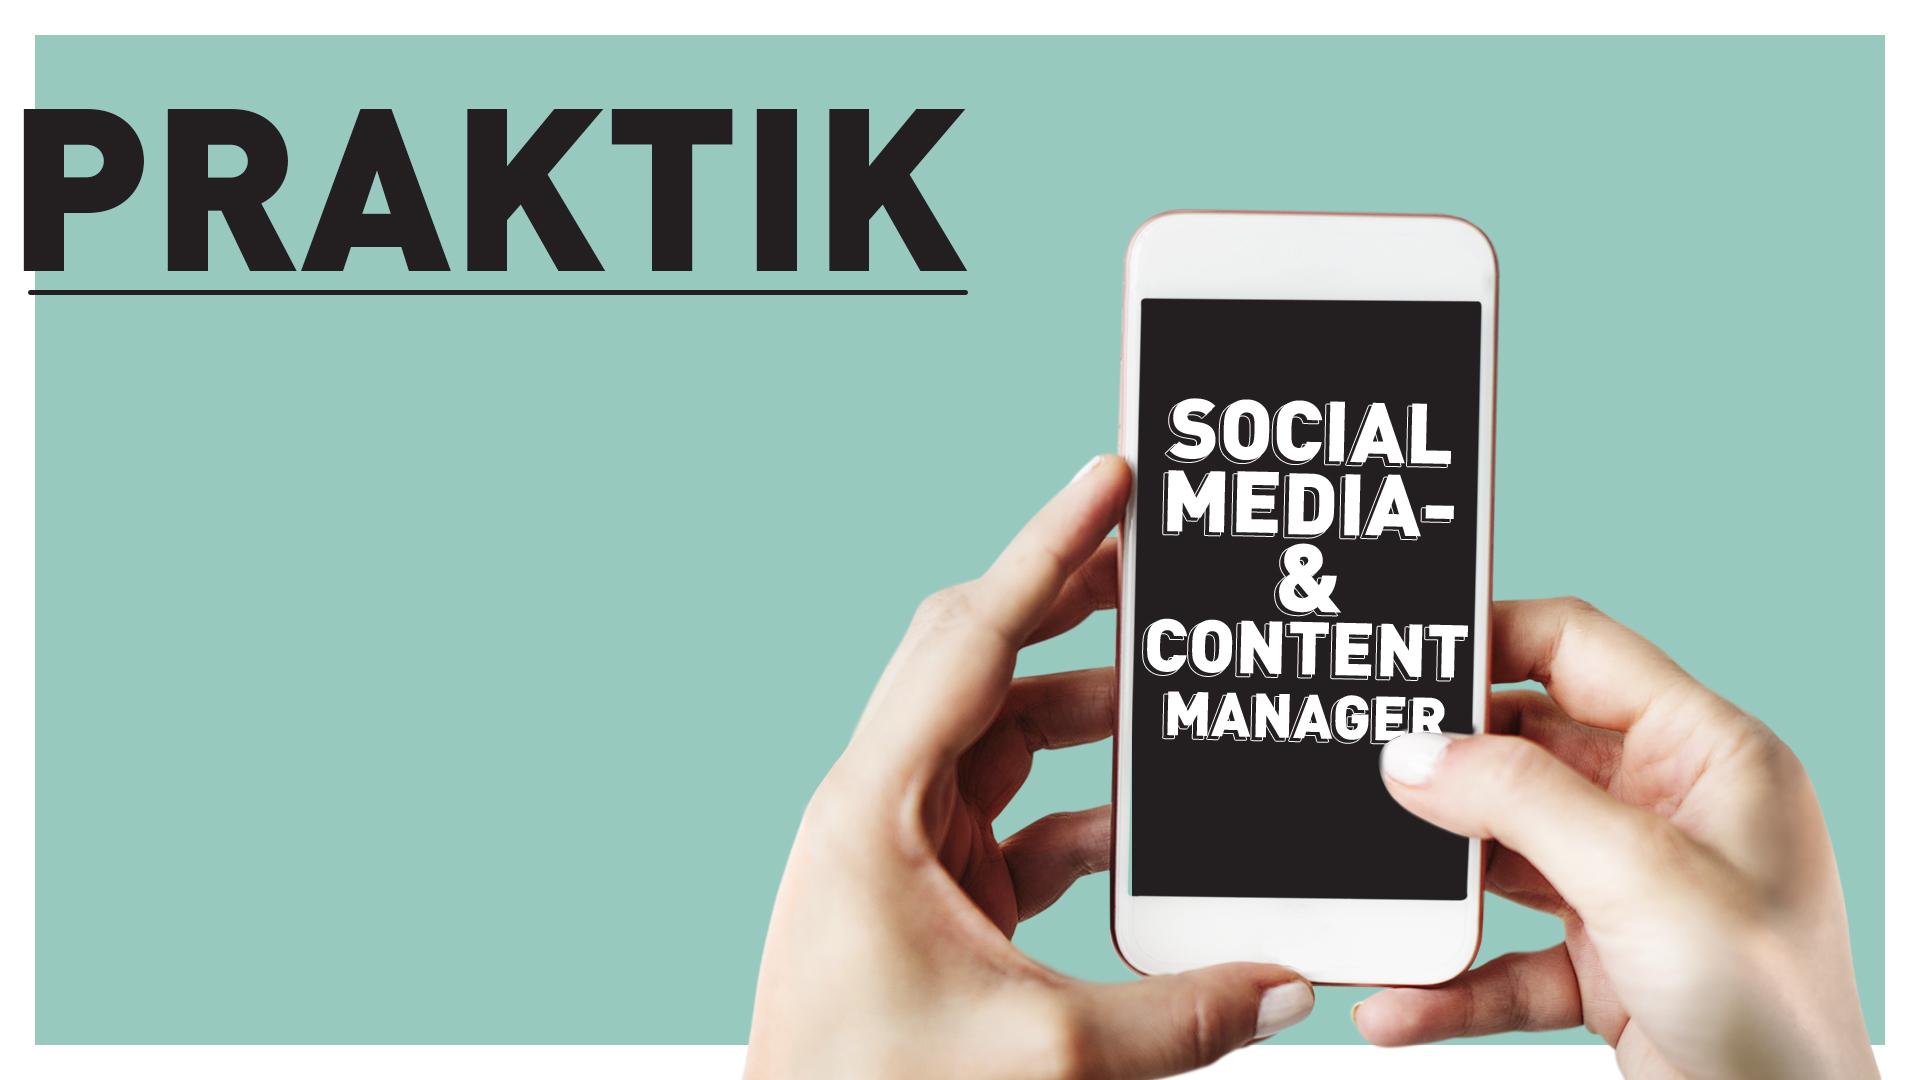 Praktik: Social Media- & Content Manager för musikbranschen